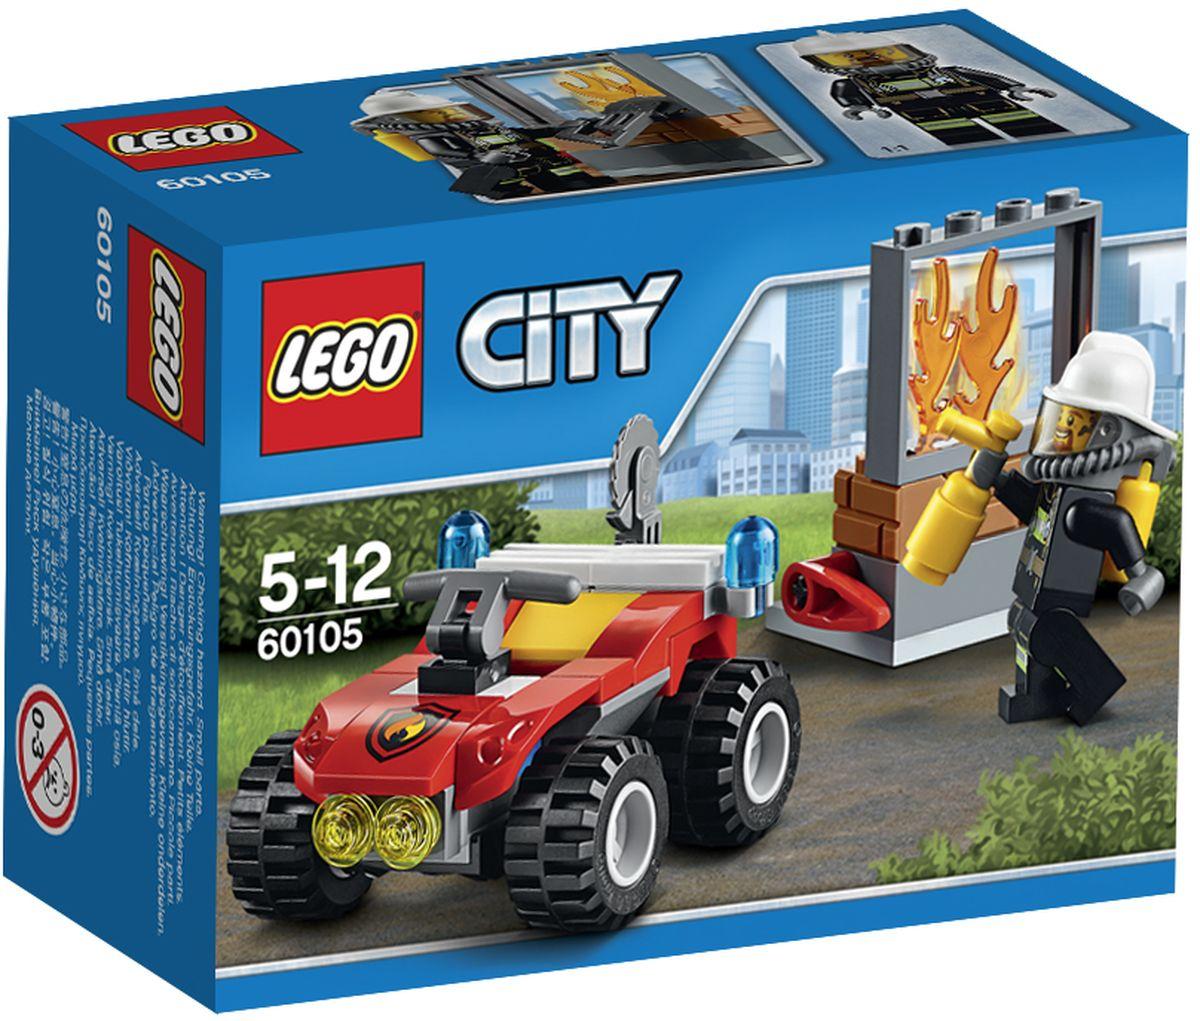 LEGO City Конструктор Пожарный квадроцикл 6010560105Конструктор Lego City Пожарный квадроцикл приведет в восторг любого ребенка, ведь все дети обожают знаменитые конструкторы Lego. Конструктор содержит 64 пластиковых элемента, с помощью которых малыш сможет собрать небольшую сценку из жизни Города Lego. Прыгай в кабину пожарного квадроцикла и спеши на помощь! Используй огнетушитель в задней части вездехода, чтобы потушить огонь. Вырежи окно с помощью пилы и осмотри место пожара. Потуши огонь и стань героем-пожарным в Lego City! В комплект входят фигурка пожарного, элементы для сборки пожарной машины, а также дополнительные аксессуары, которые разнообразят игру. Игры с конструкторами помогут ребенку развить воображение, внимательность, пространственное мышление и творческие способности. Такой конструктор надолго займет внимание малыша и непременно станет его любимой игрушкой.